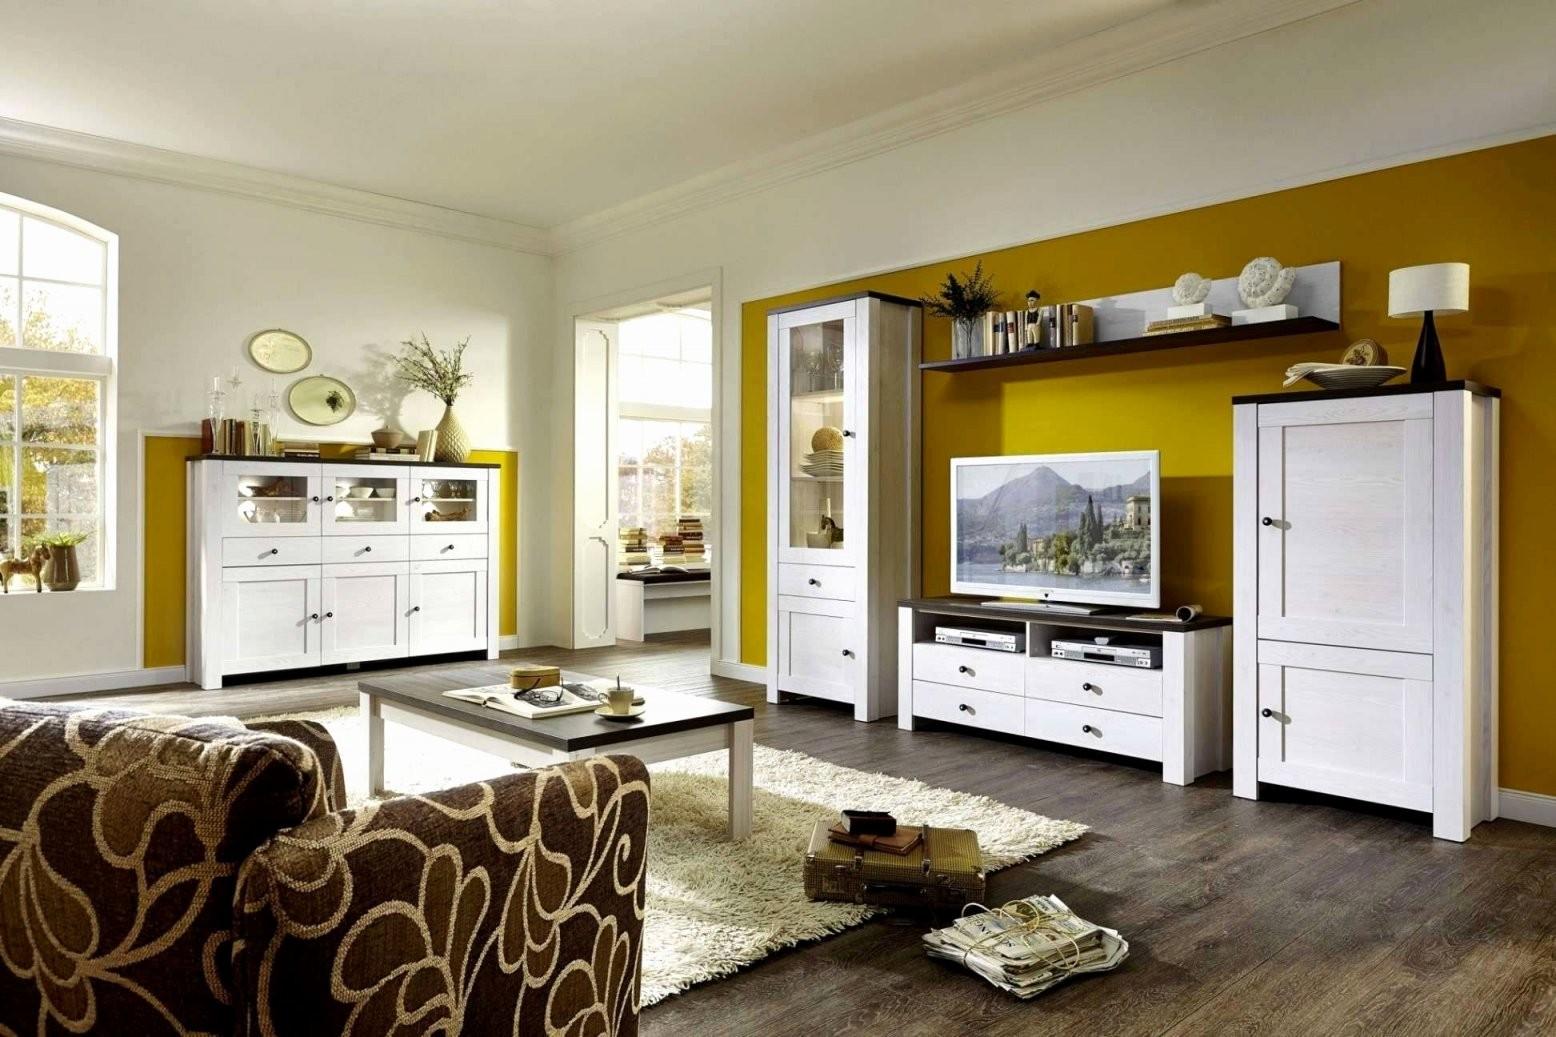 Kleines Wohnzimmer Mit Essbereich Einrichten Planen Wie Man Wählt von Kleines Wohnzimmer Mit Essbereich Einrichten Bild